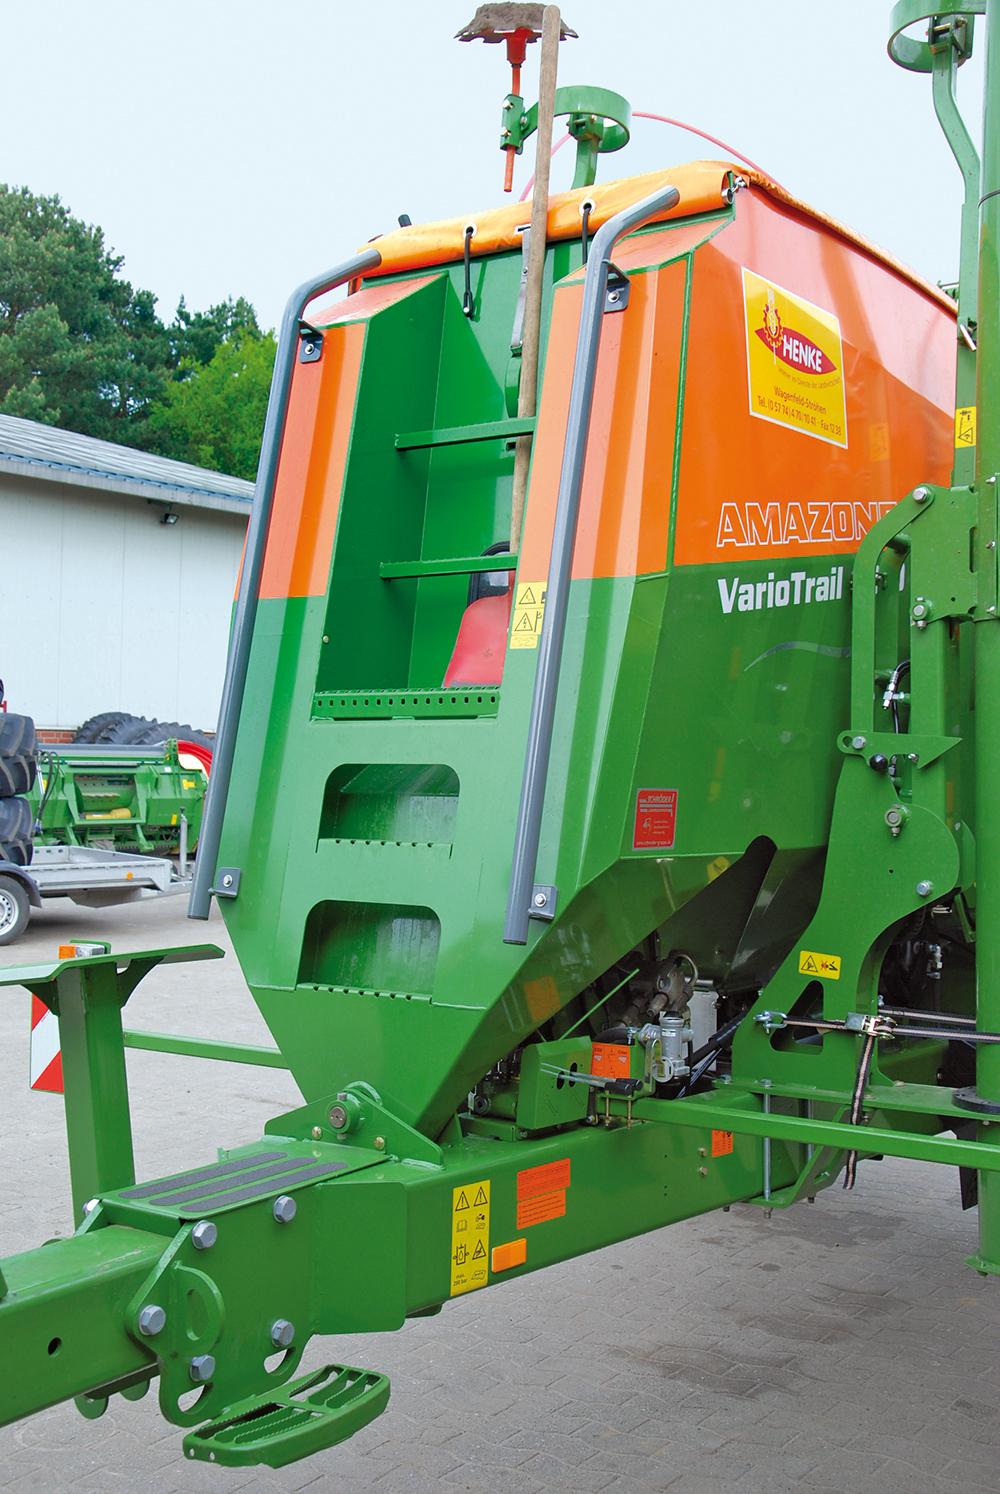 De Amazone VarioTrail getest - een drager, twee machines - (20)